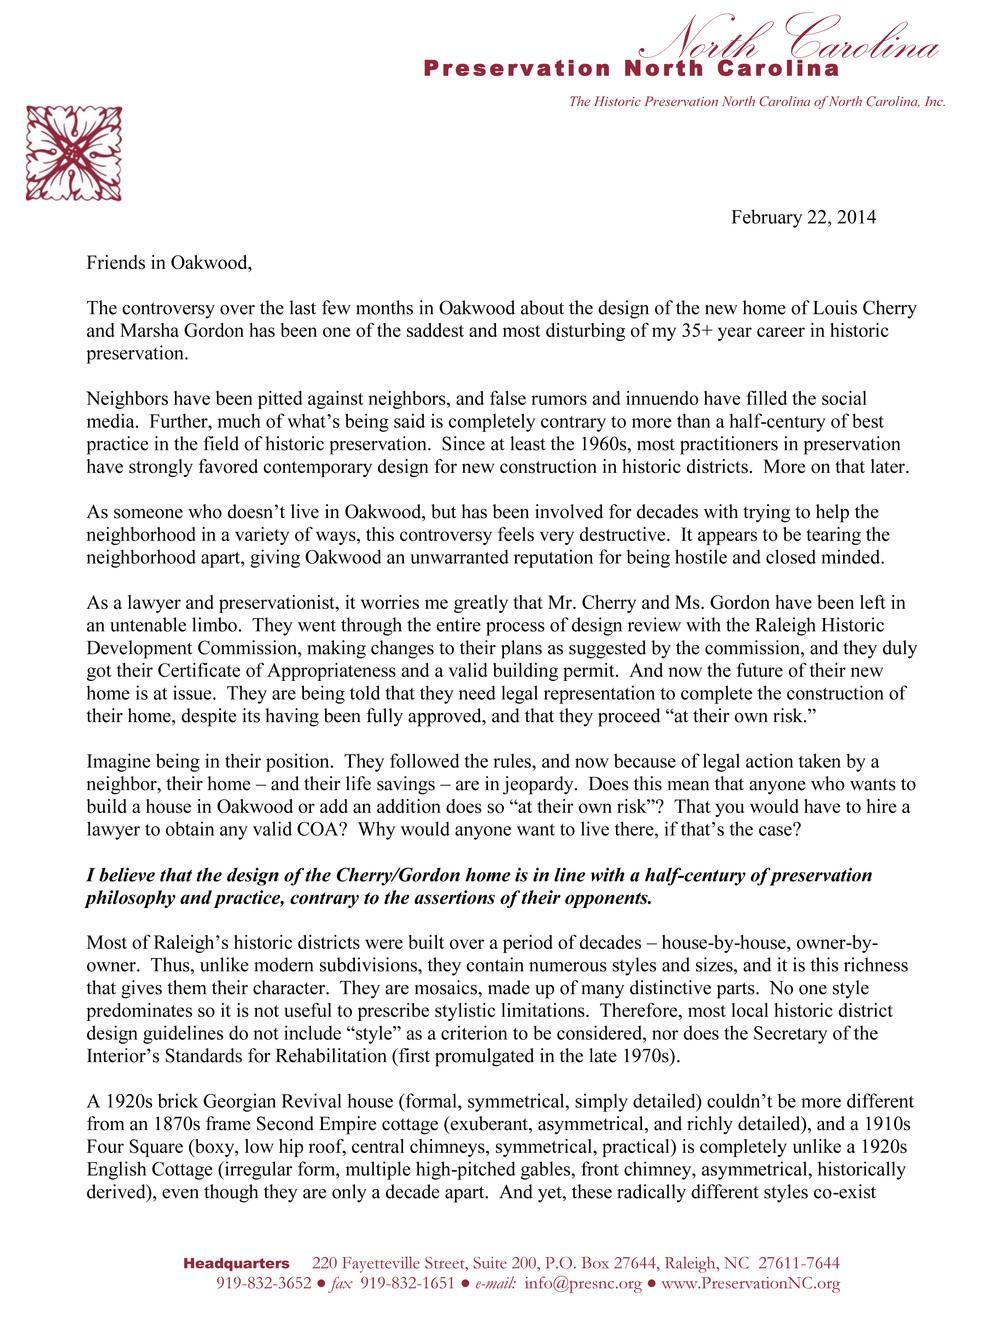 _01_Myrick Howard Oakwood Letter PDF-1.jpg